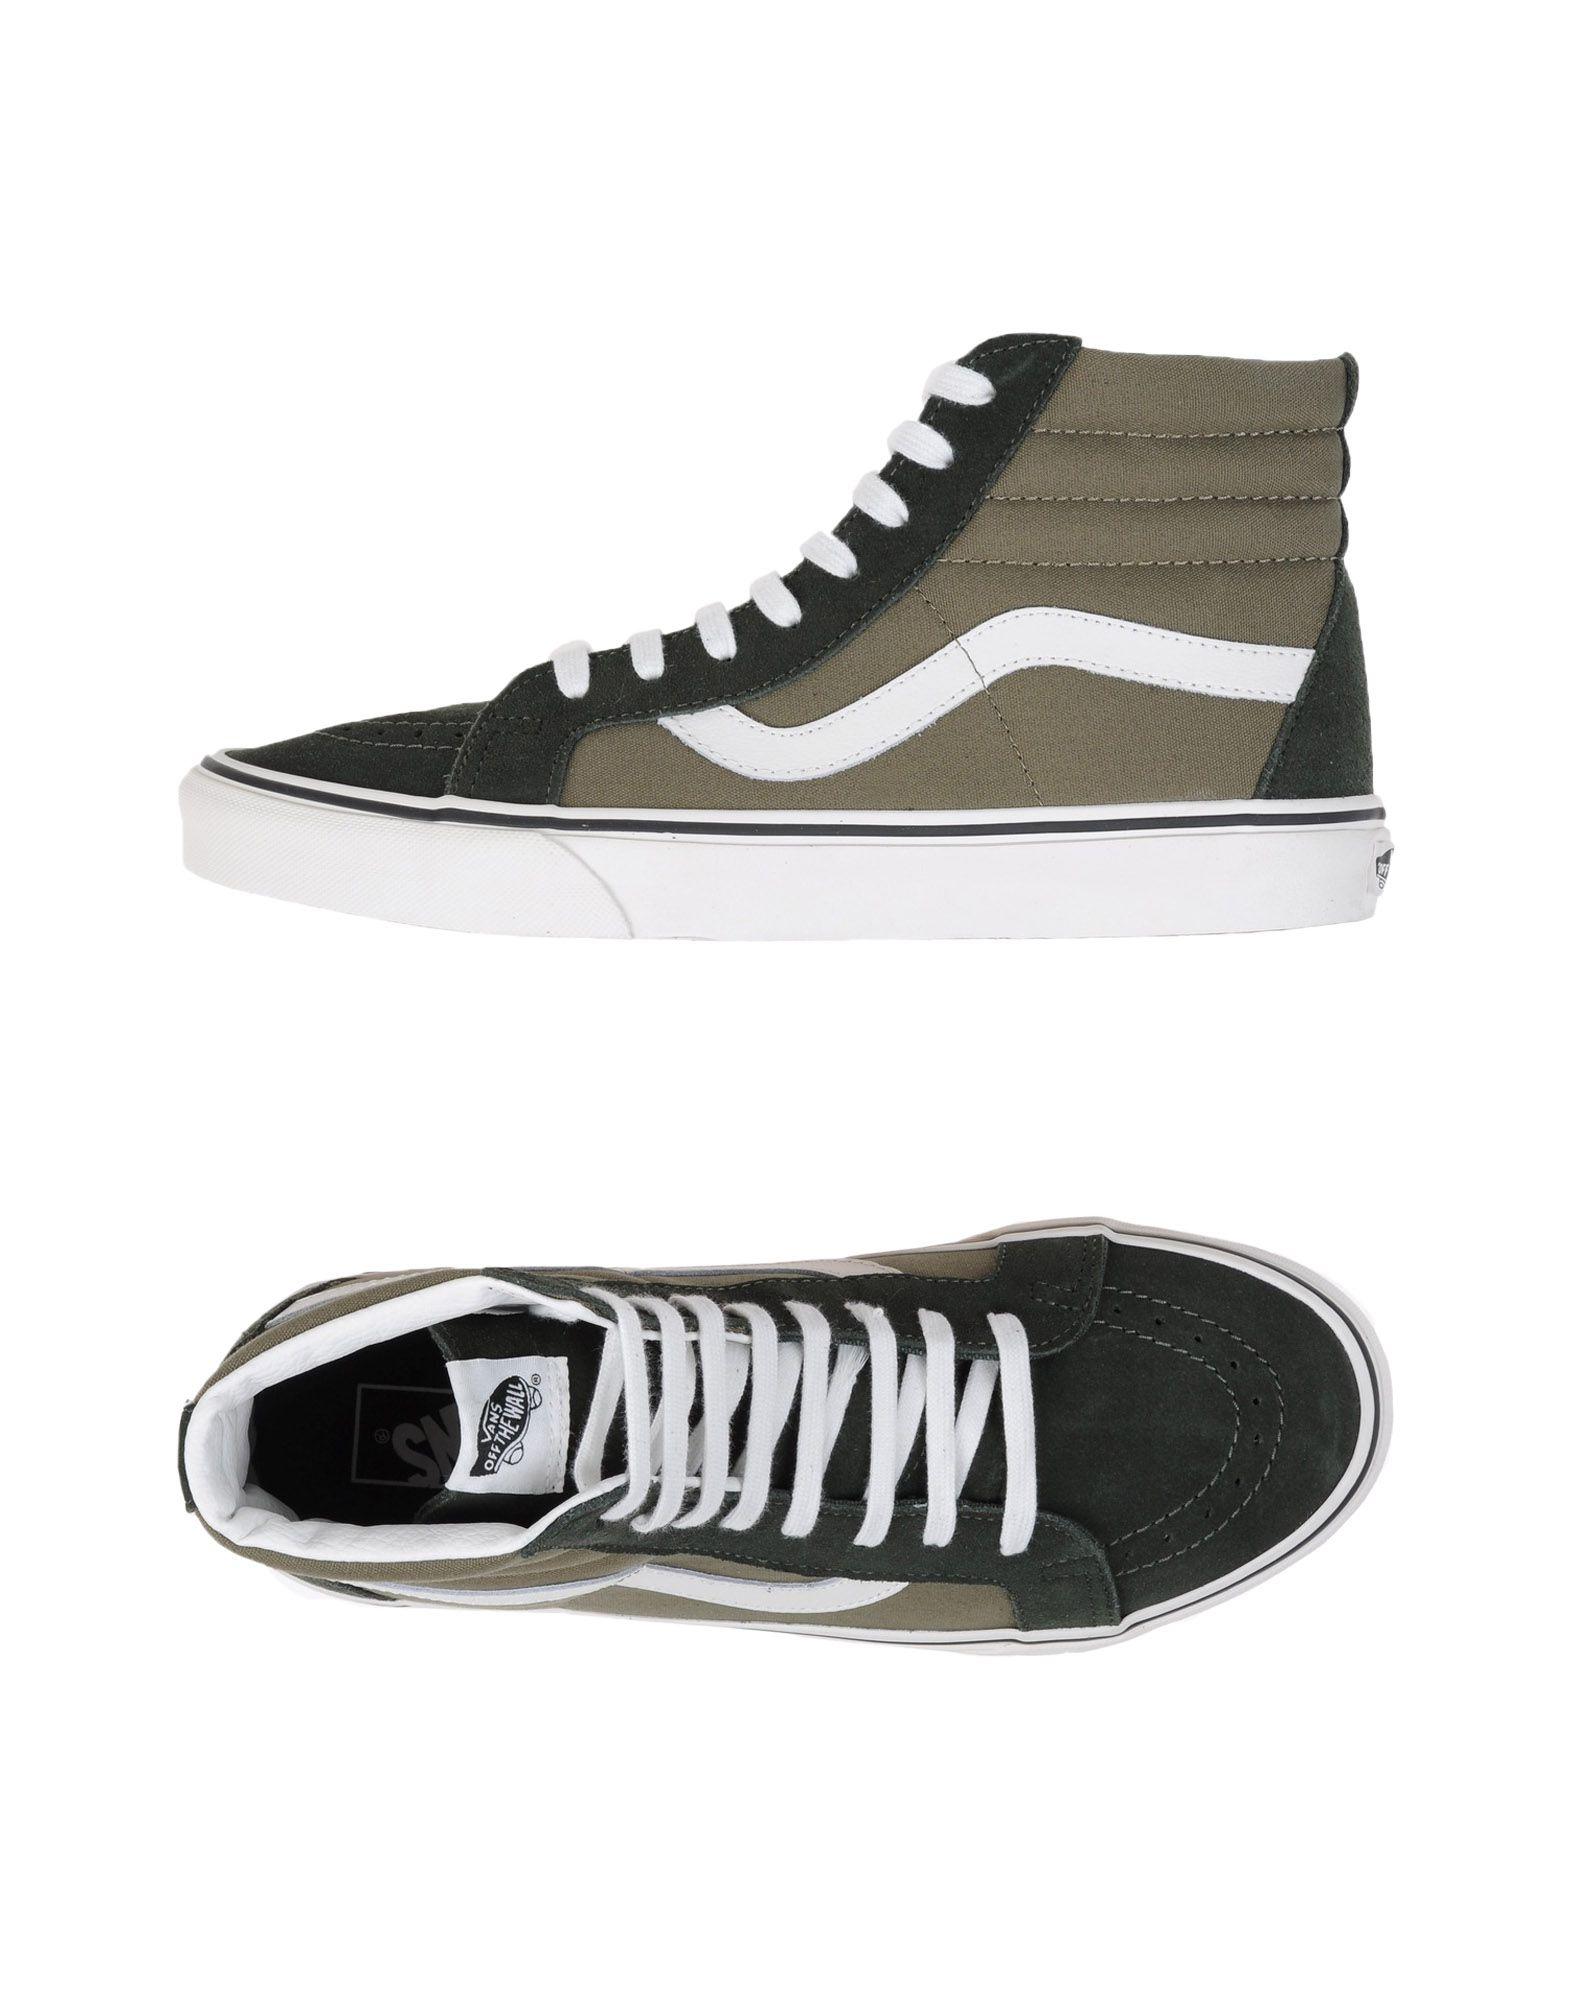 Vans Sk8-Hi Reissue - Sneakers Sneakers - Men Vans Sneakers - online on  United Kingdom - 11108142DS aa2381